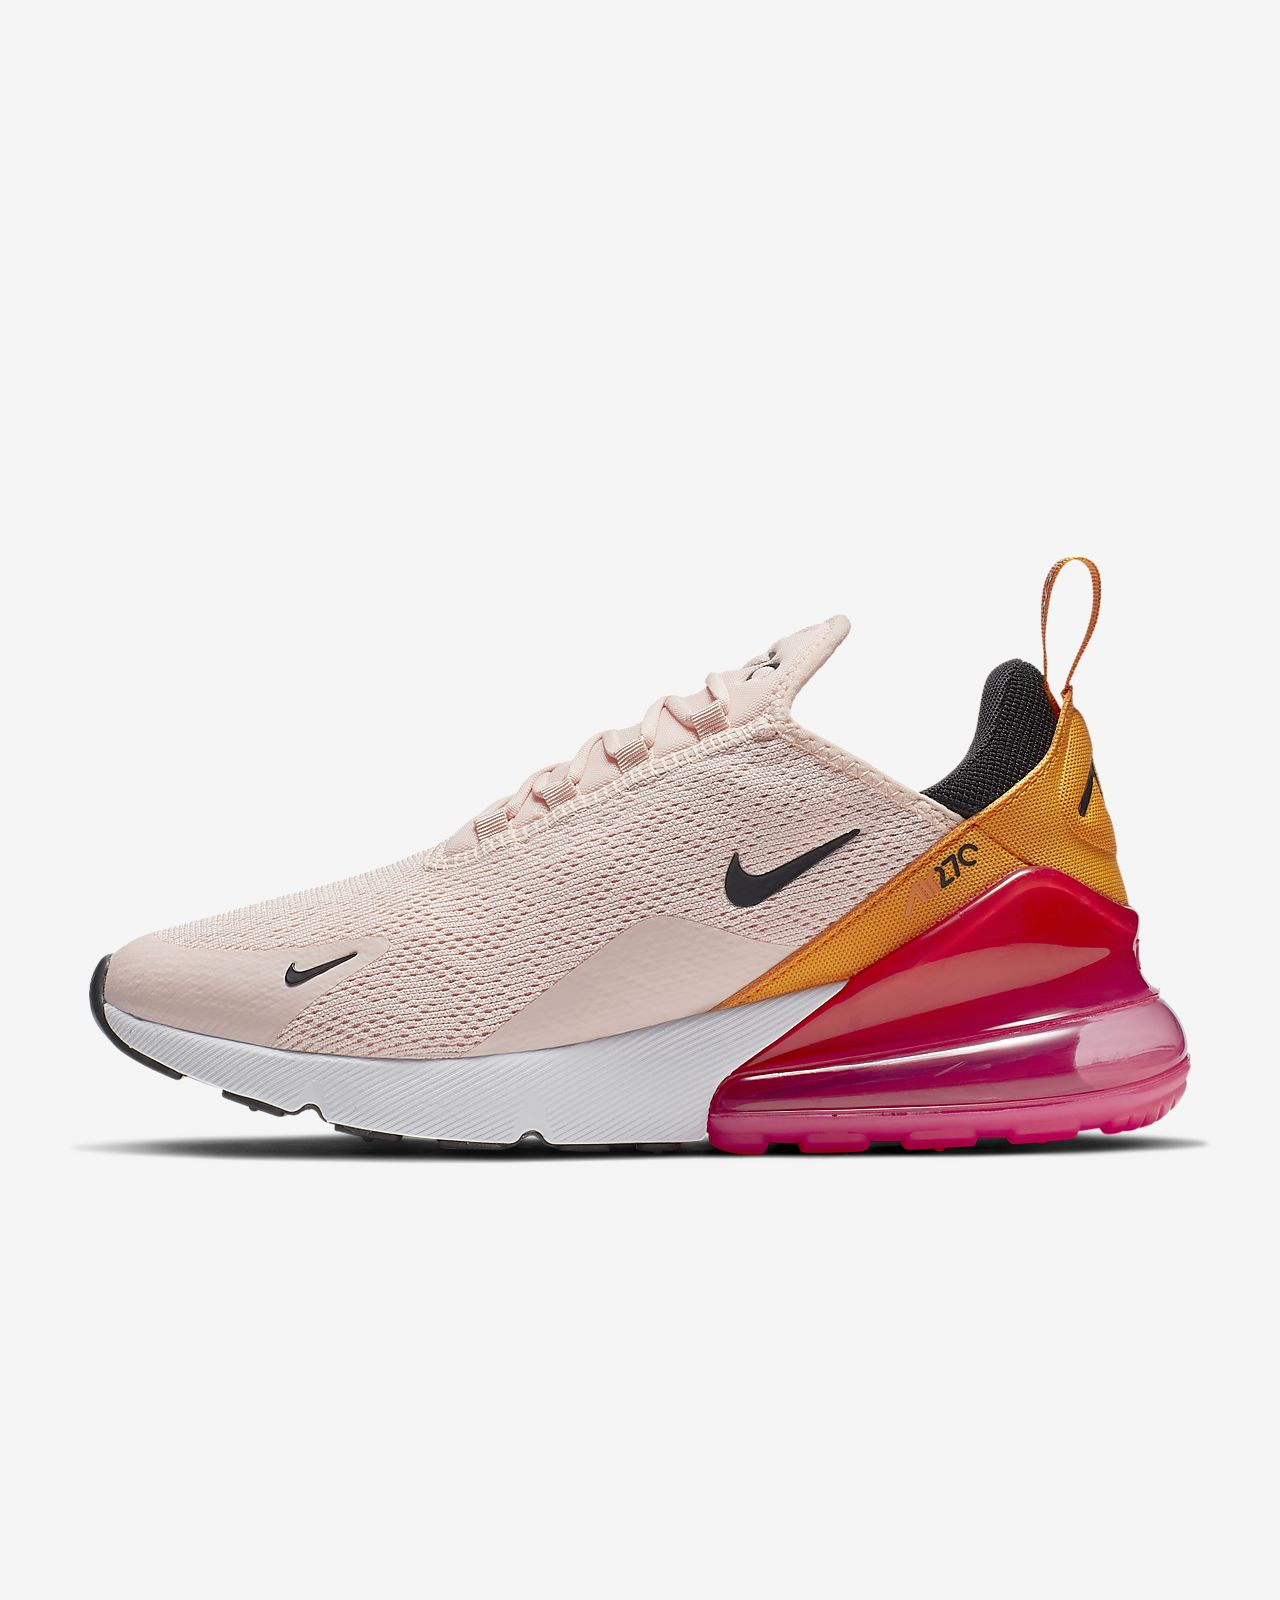 5b26e2feb34 Sapatilhas Nike Air Max 270 para mulher. Nike.com PT